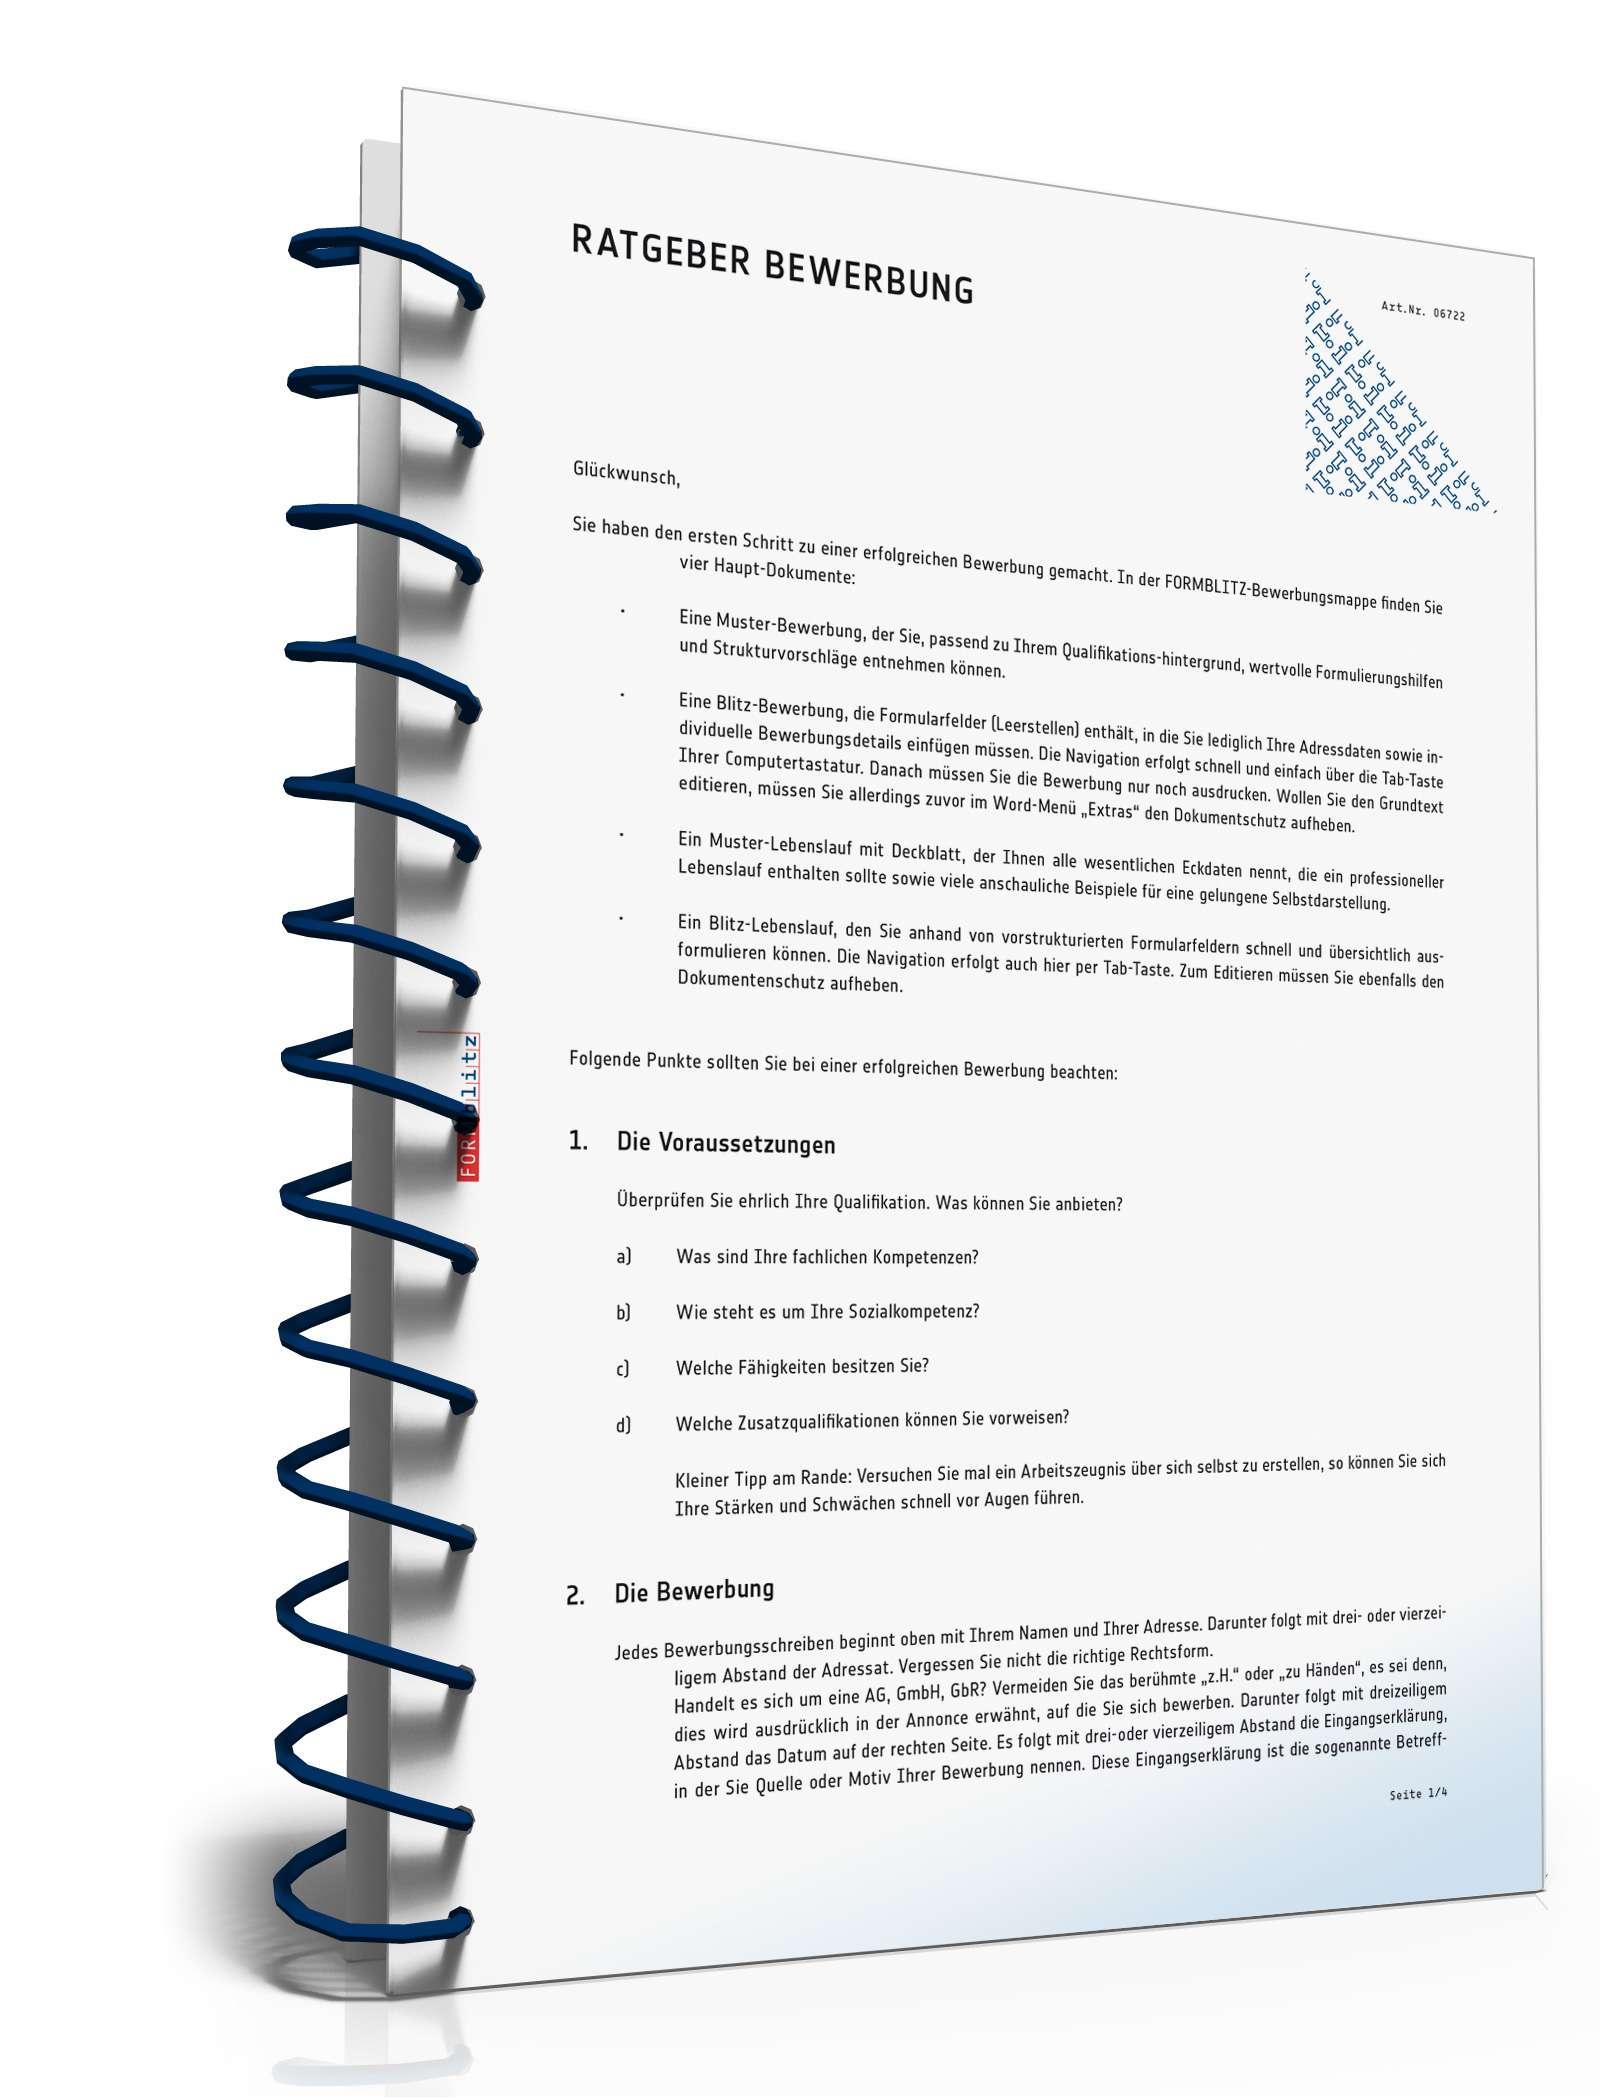 Ratgeber Bewerbung Muster Vorlage Zum Download